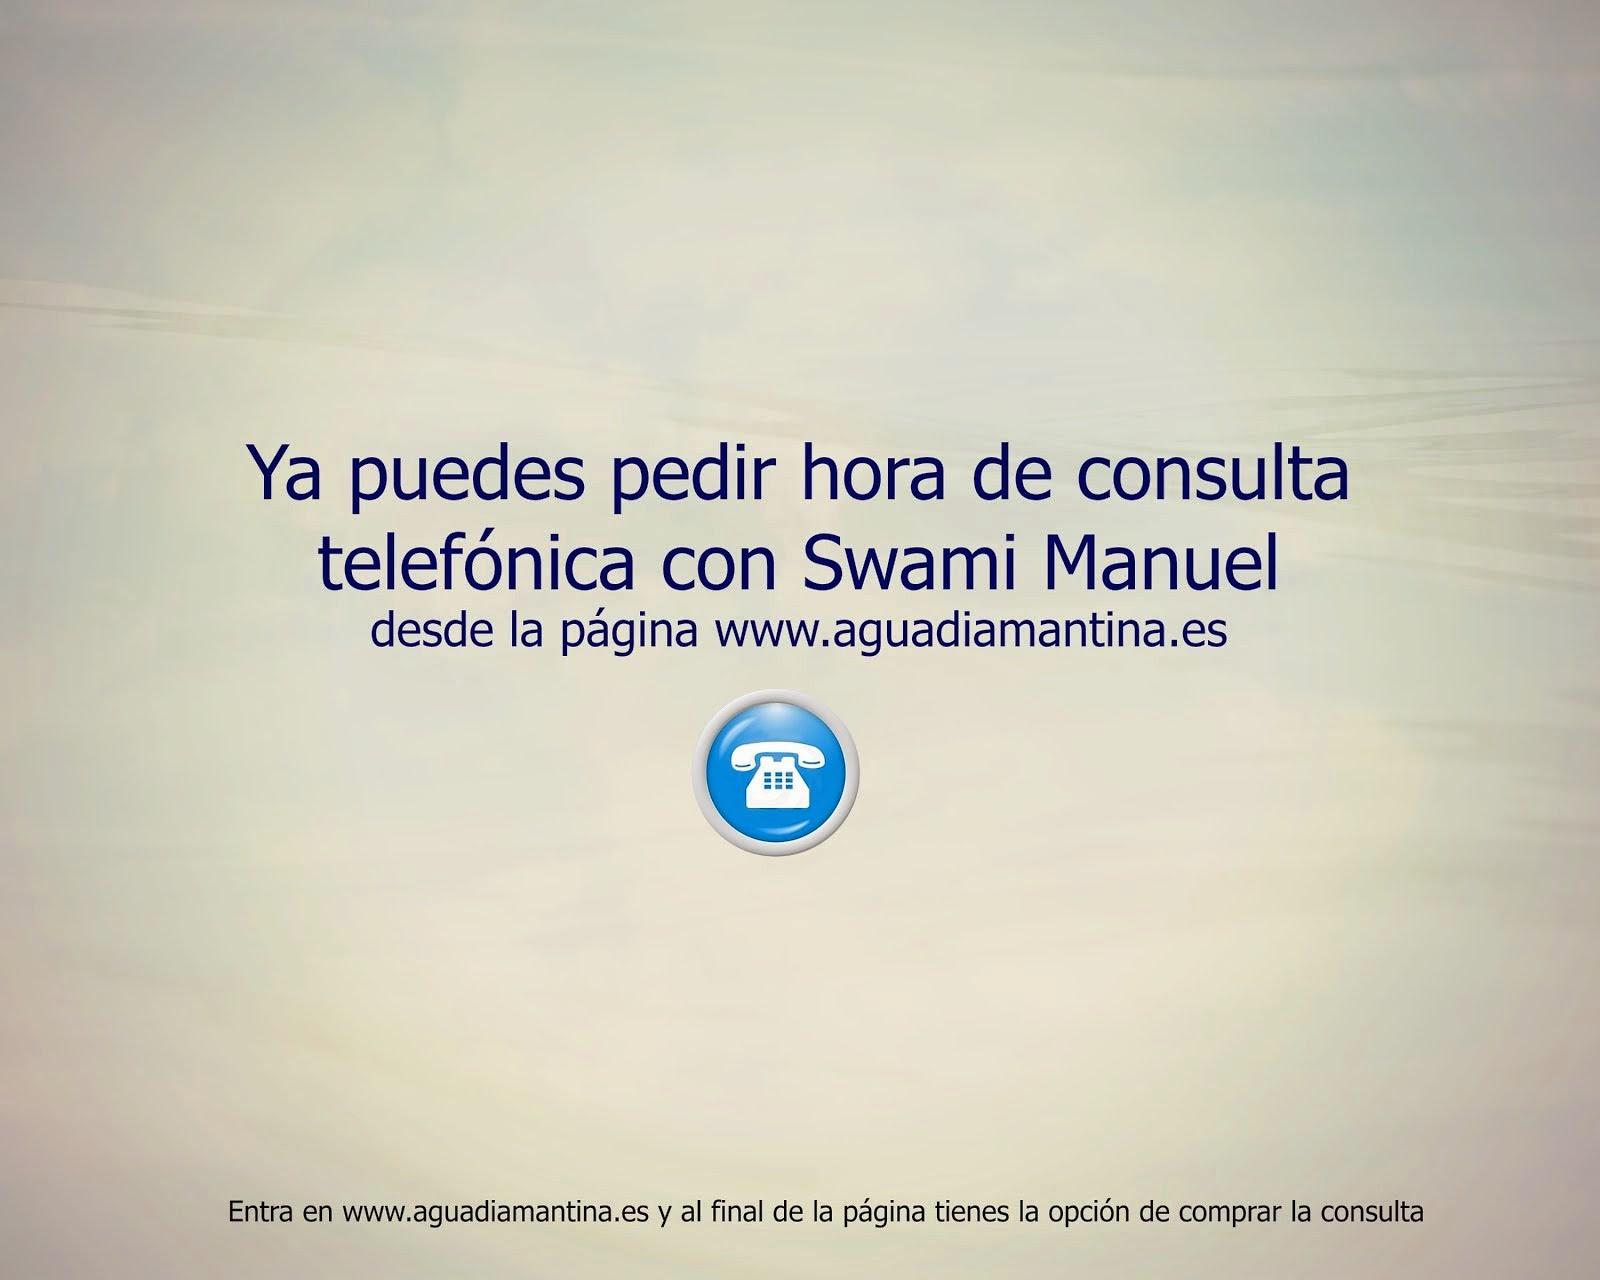 Consulta telefónica con Swami Manuel